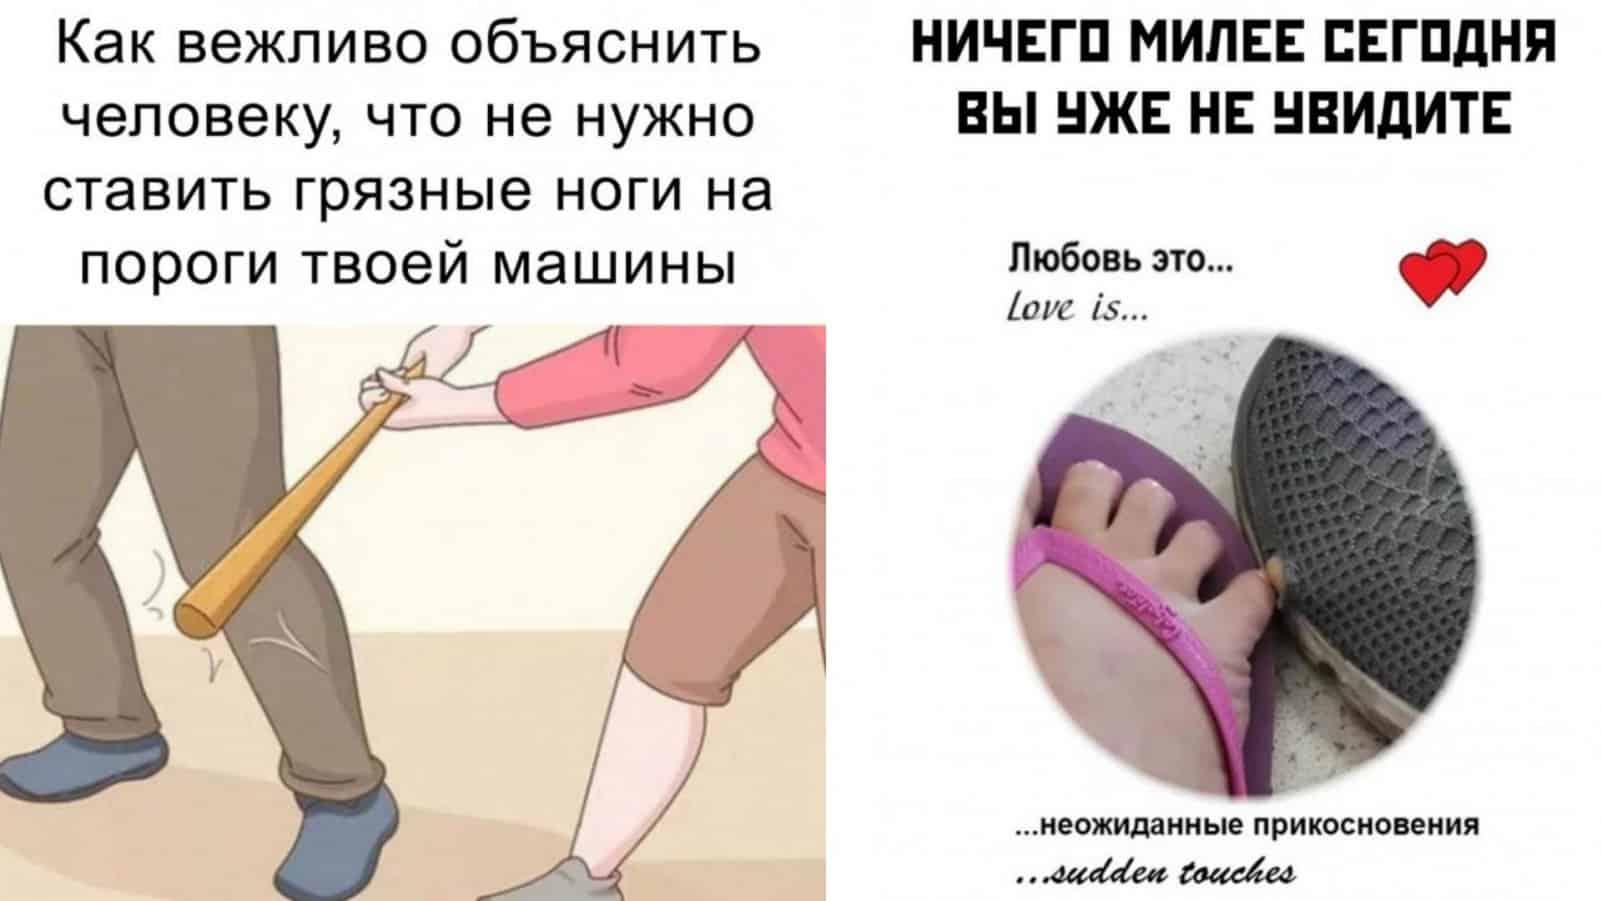 Свежие мемы от 22 июля и что такое любовь